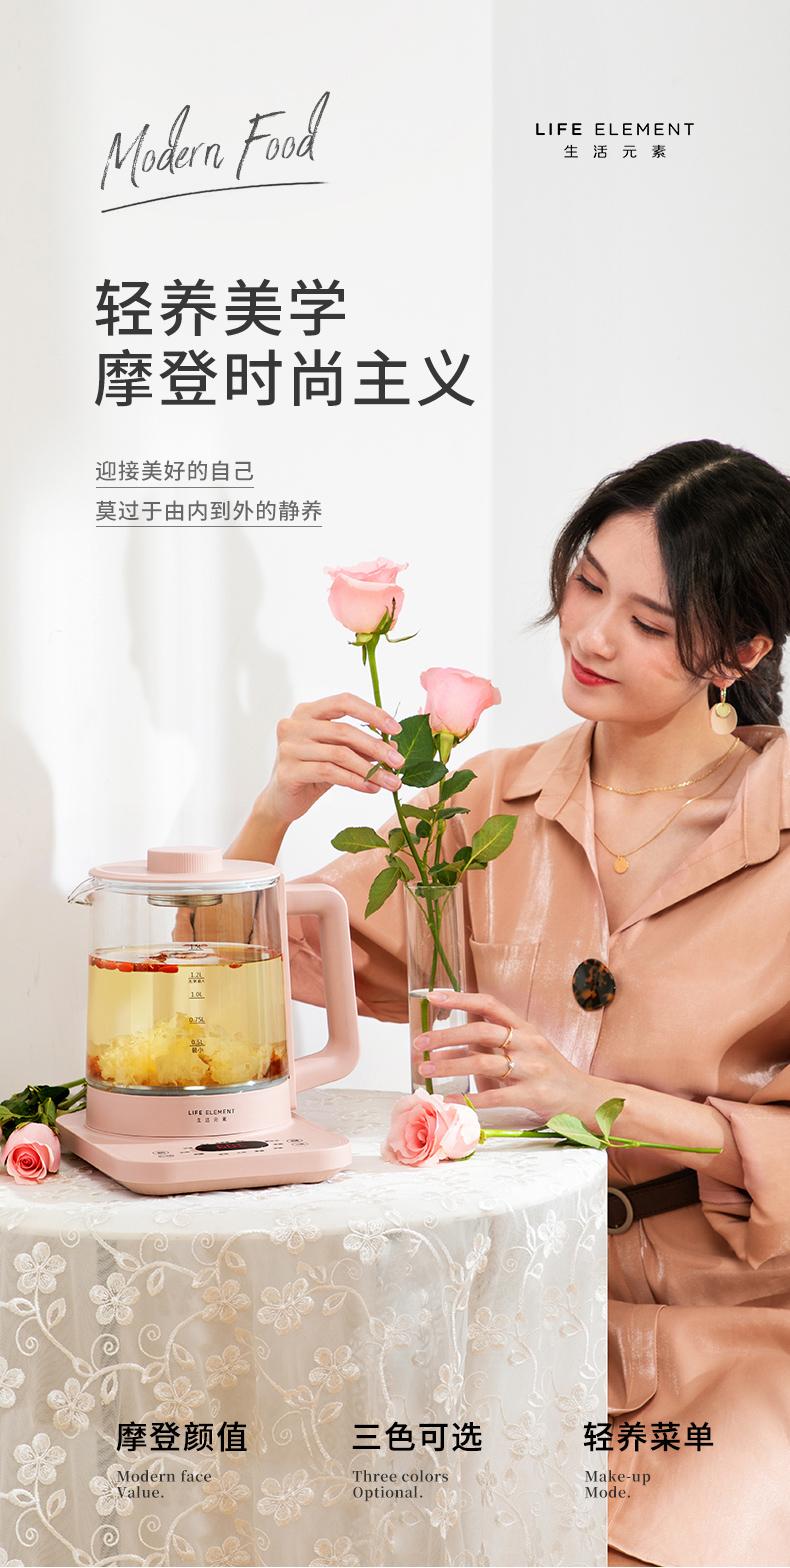 生活元素 多功能全自动养生壶 煮茶器 高硼硅玻璃杯身 1.5L 图3